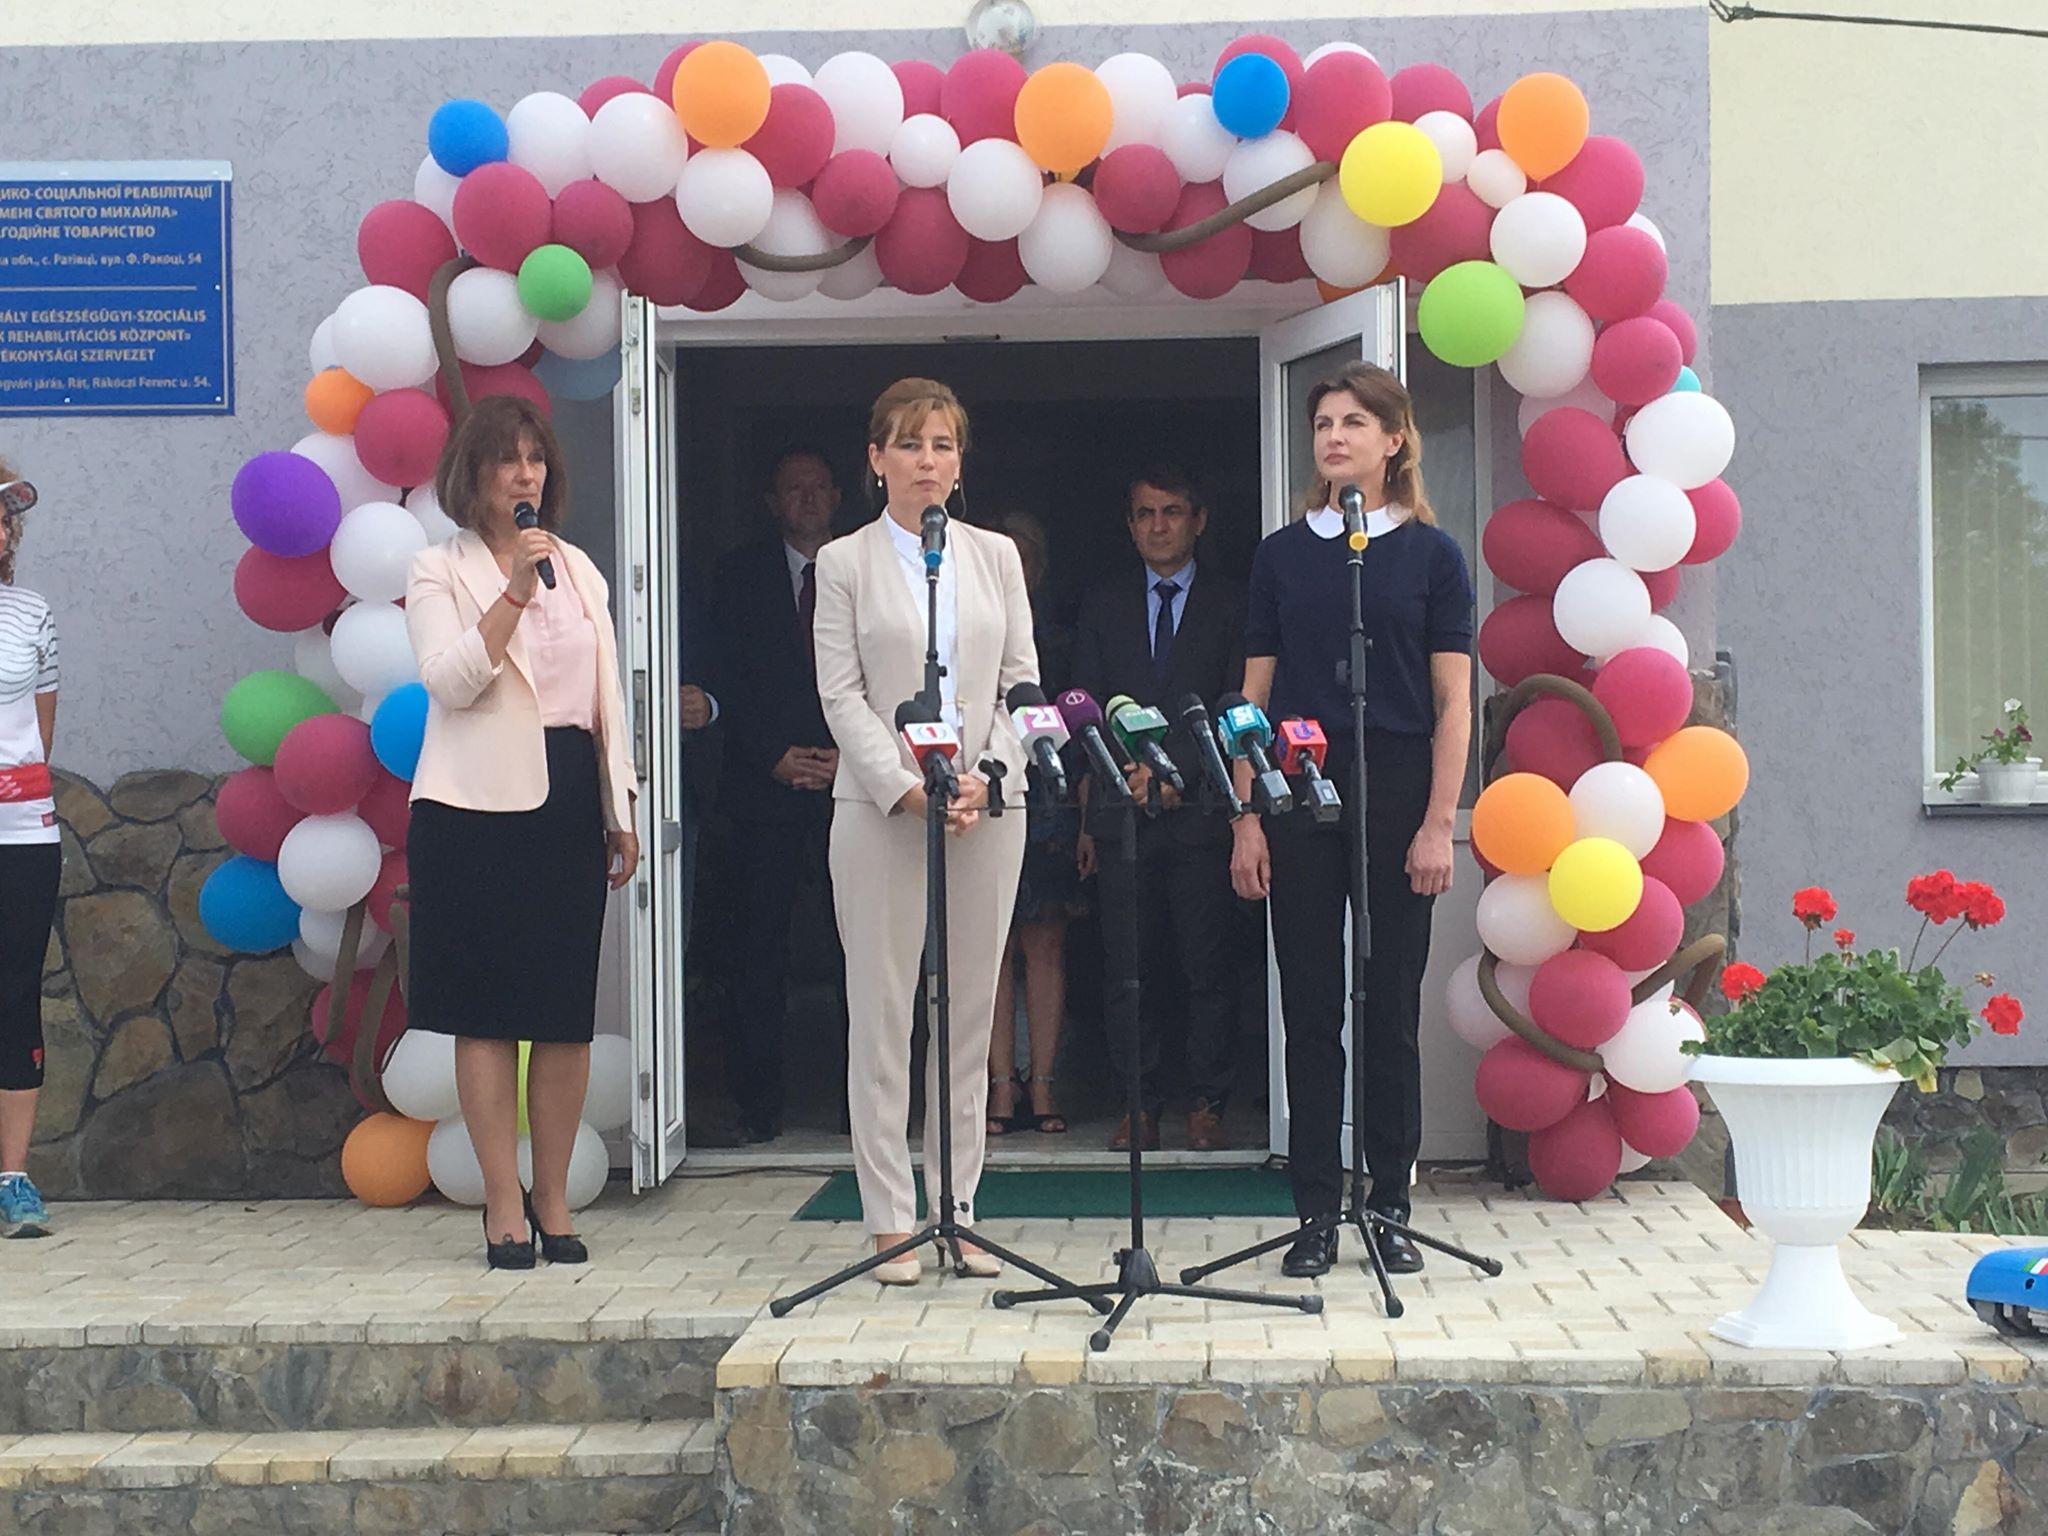 Новий реабілітаційний центр на Ужгородщині отримав подарунки від Марини Порошенко та Аніти Герцег